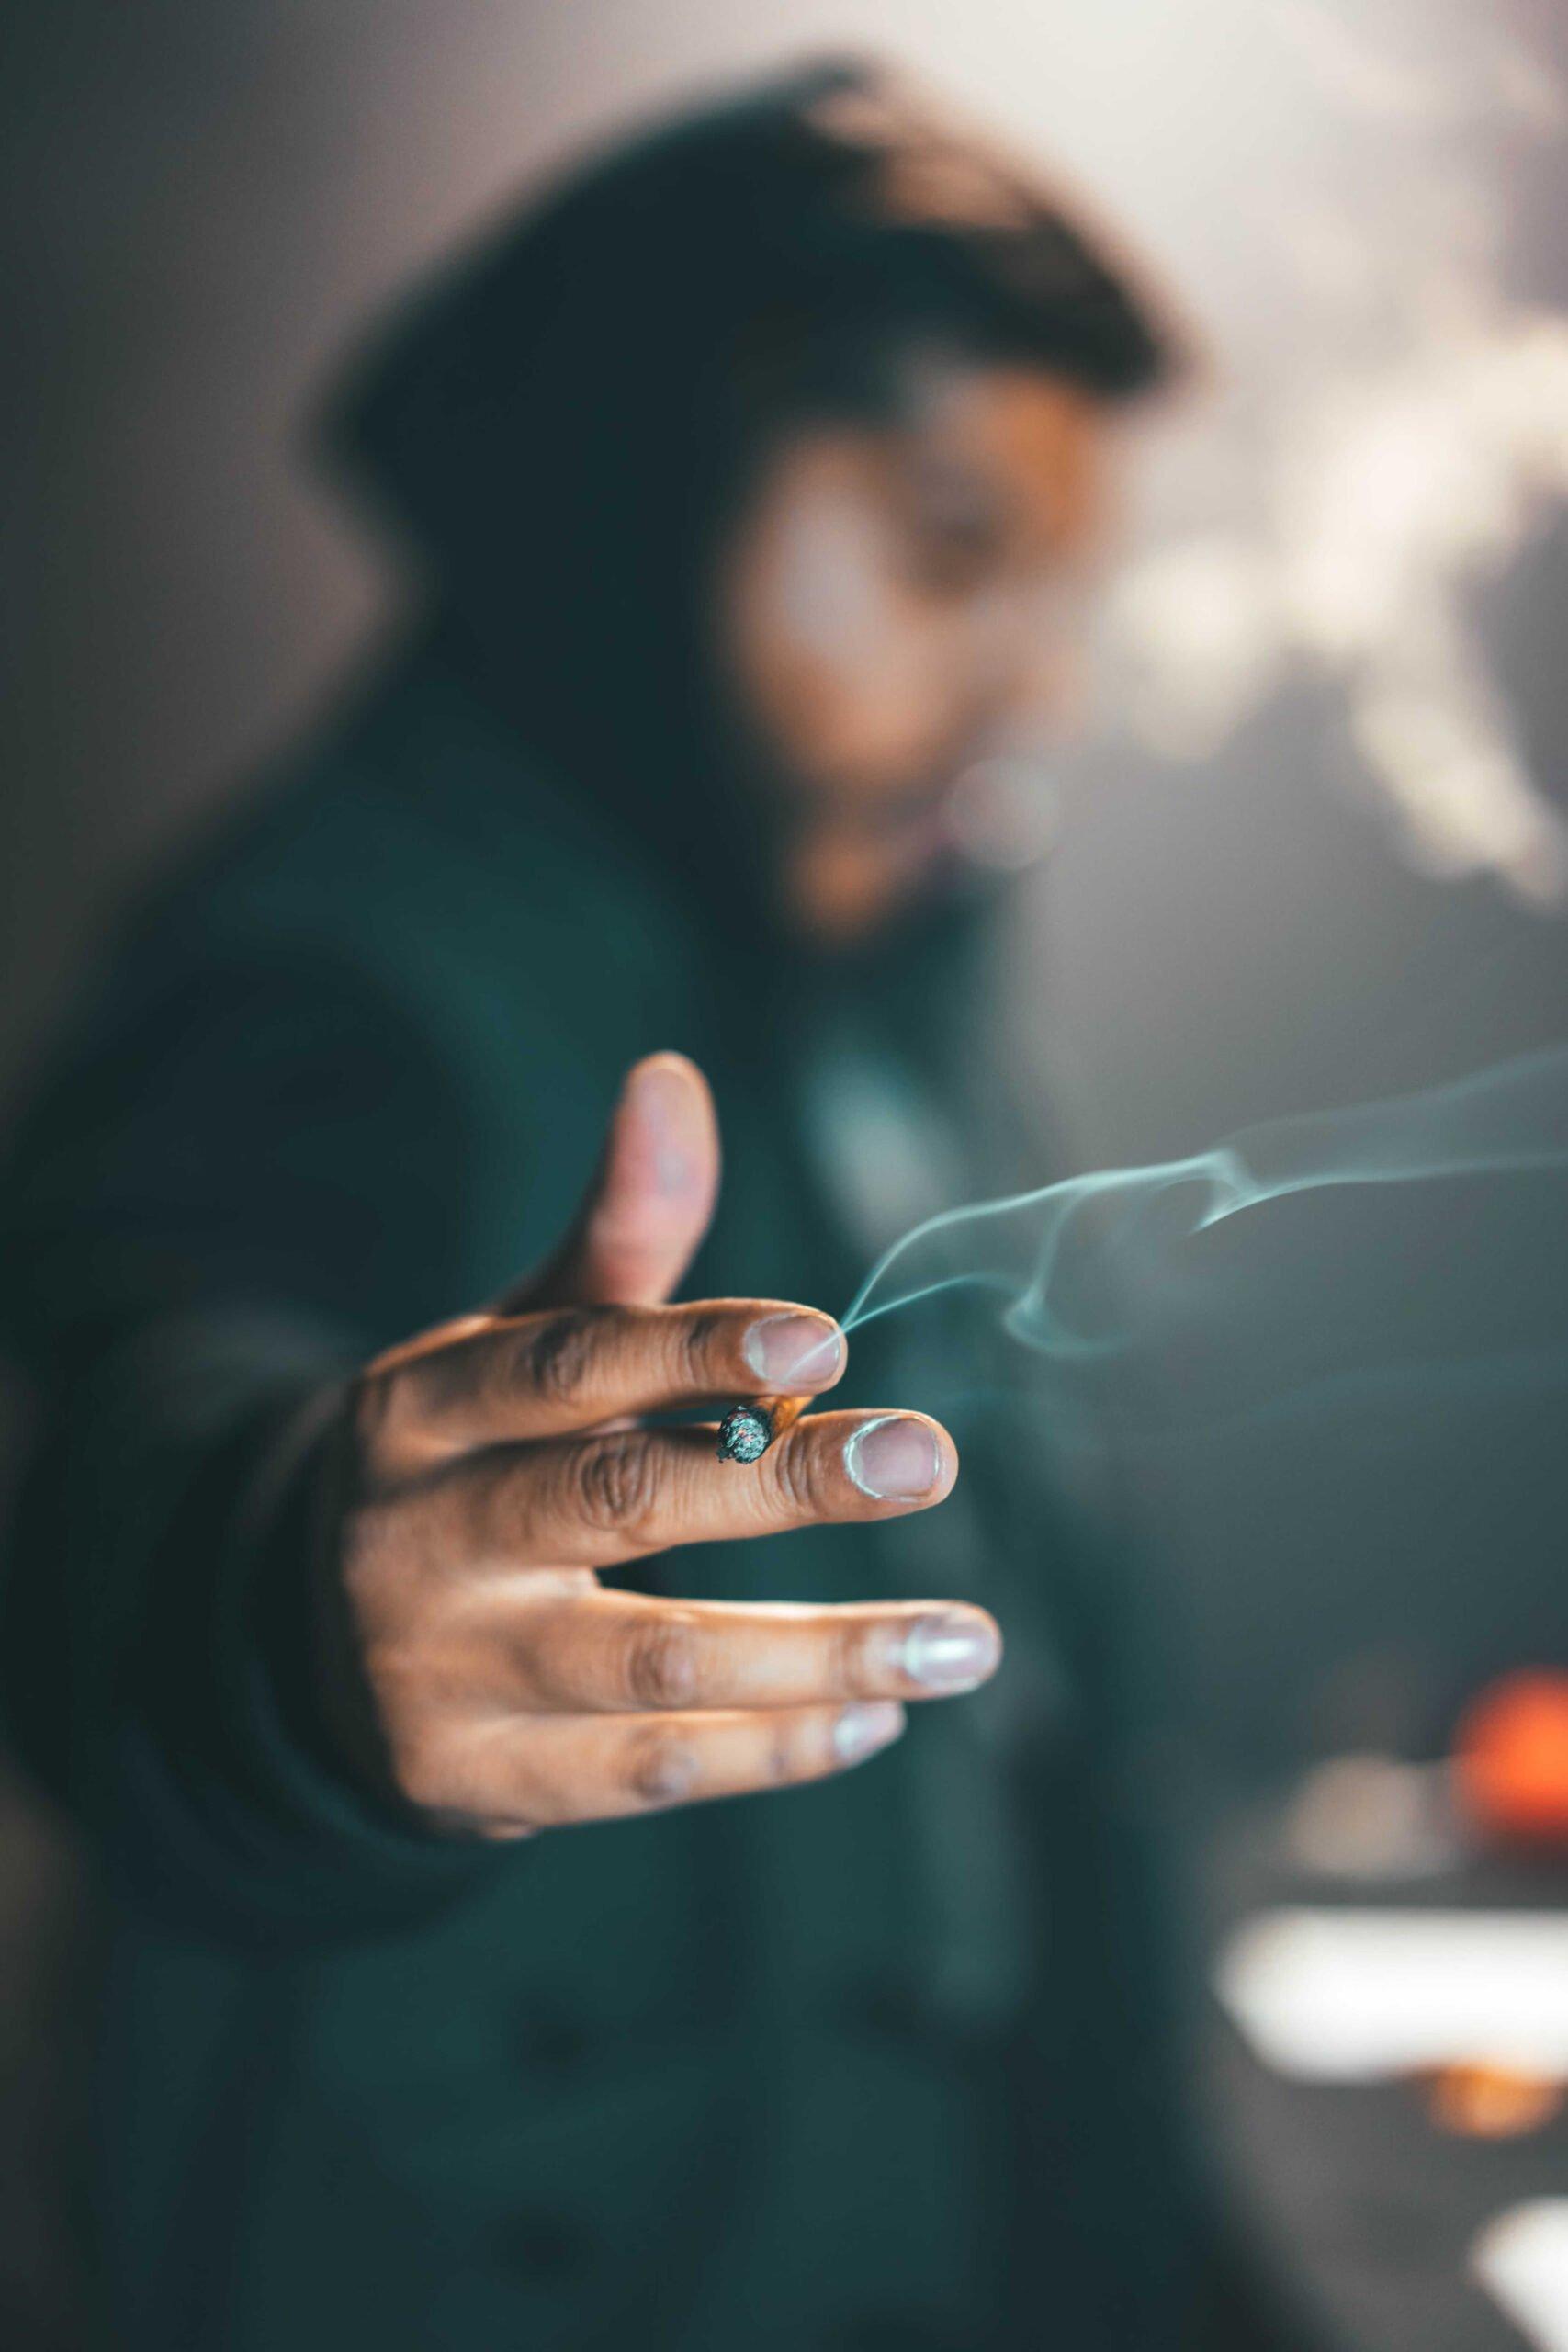 влияние курения на удаление татуировки